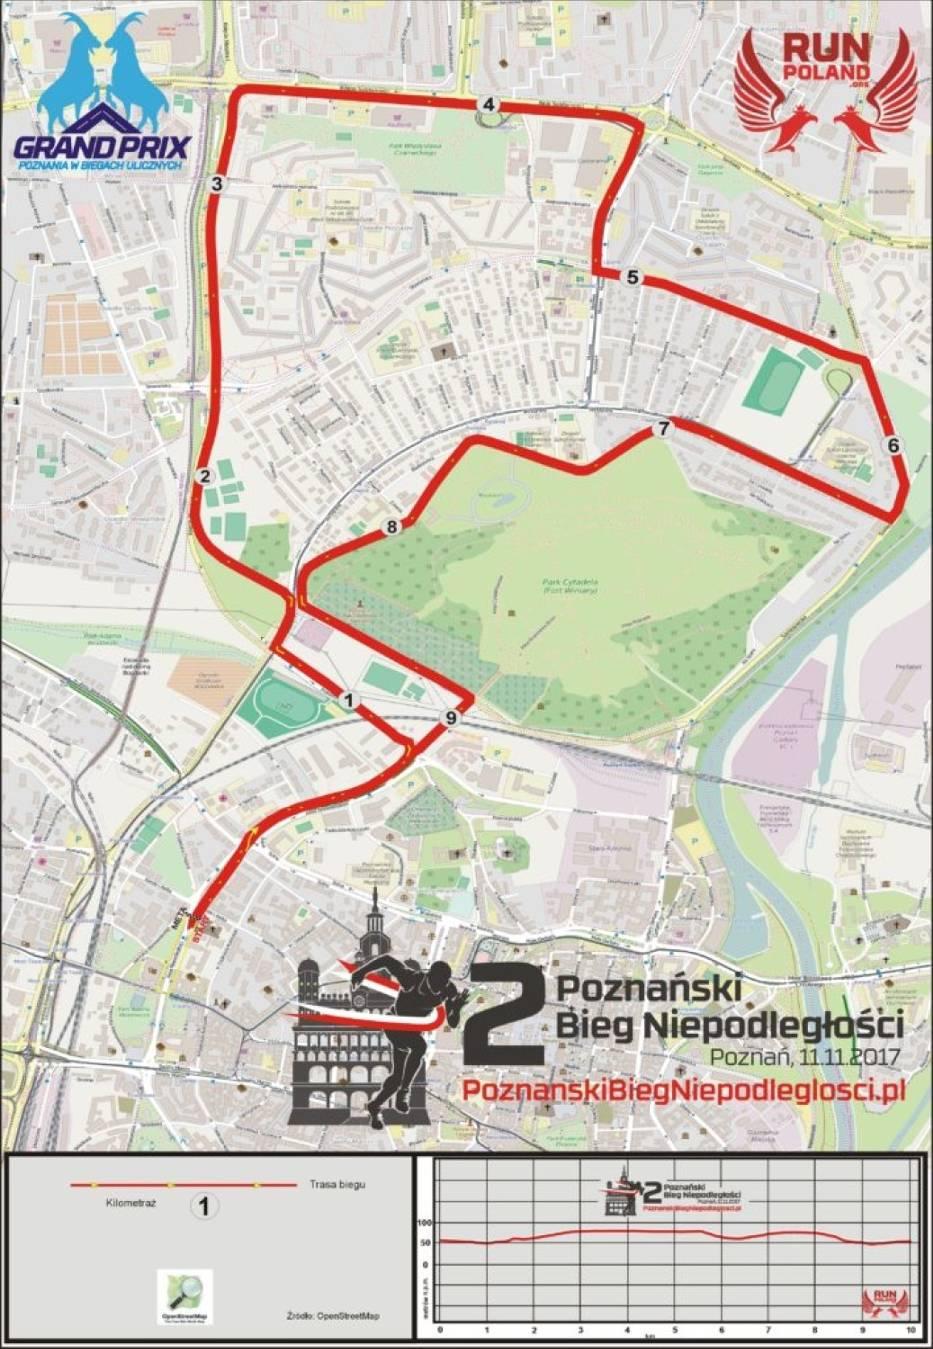 Bieg Niepodległości Poznań 2018 - TRASA